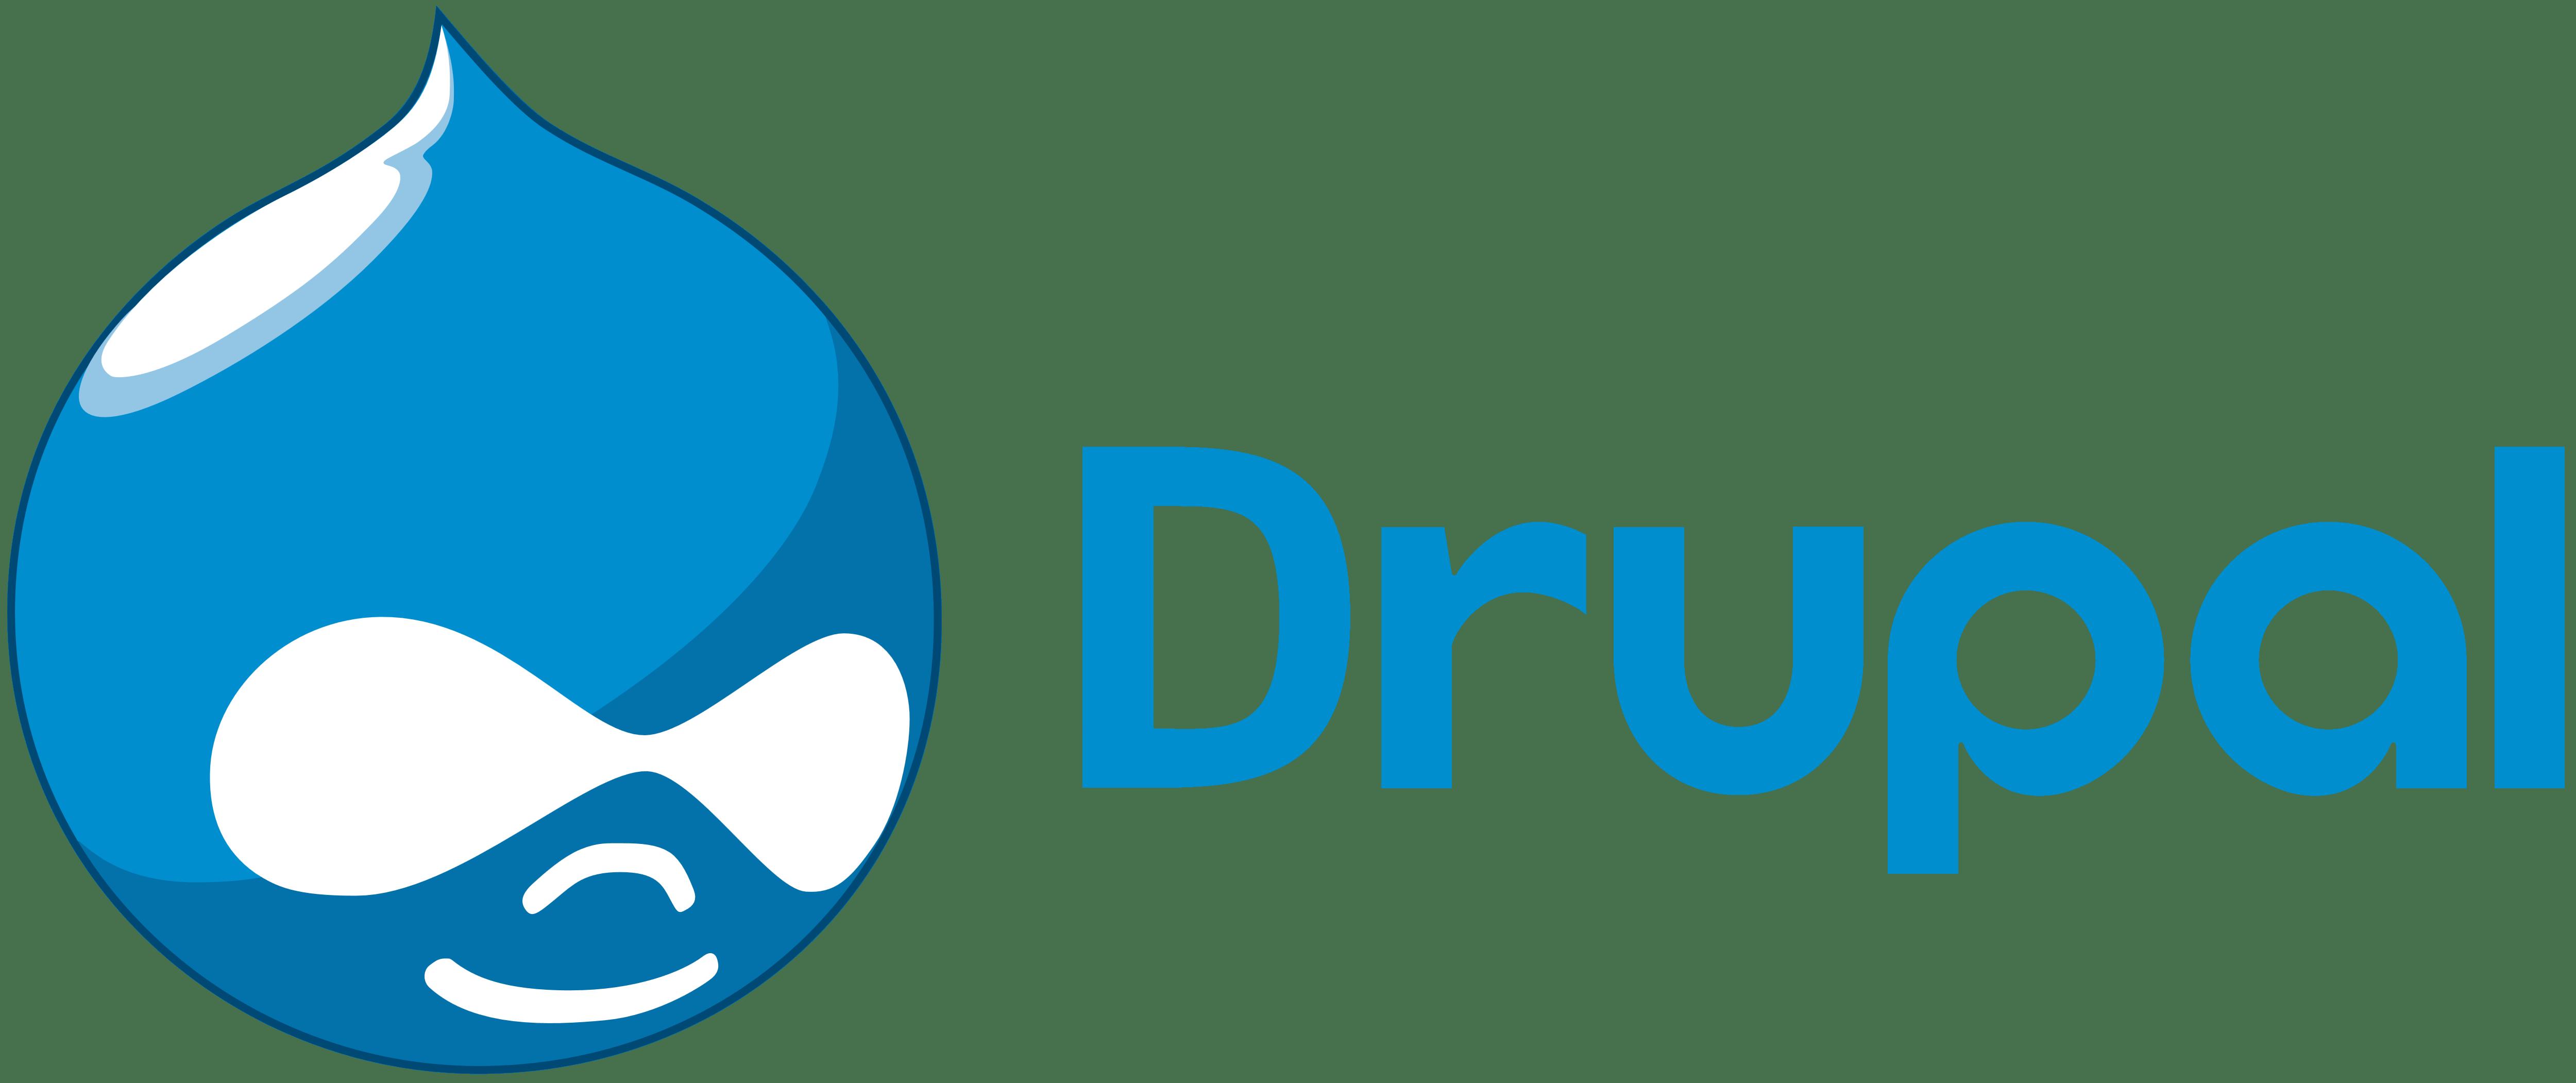 Drupal strikes back!